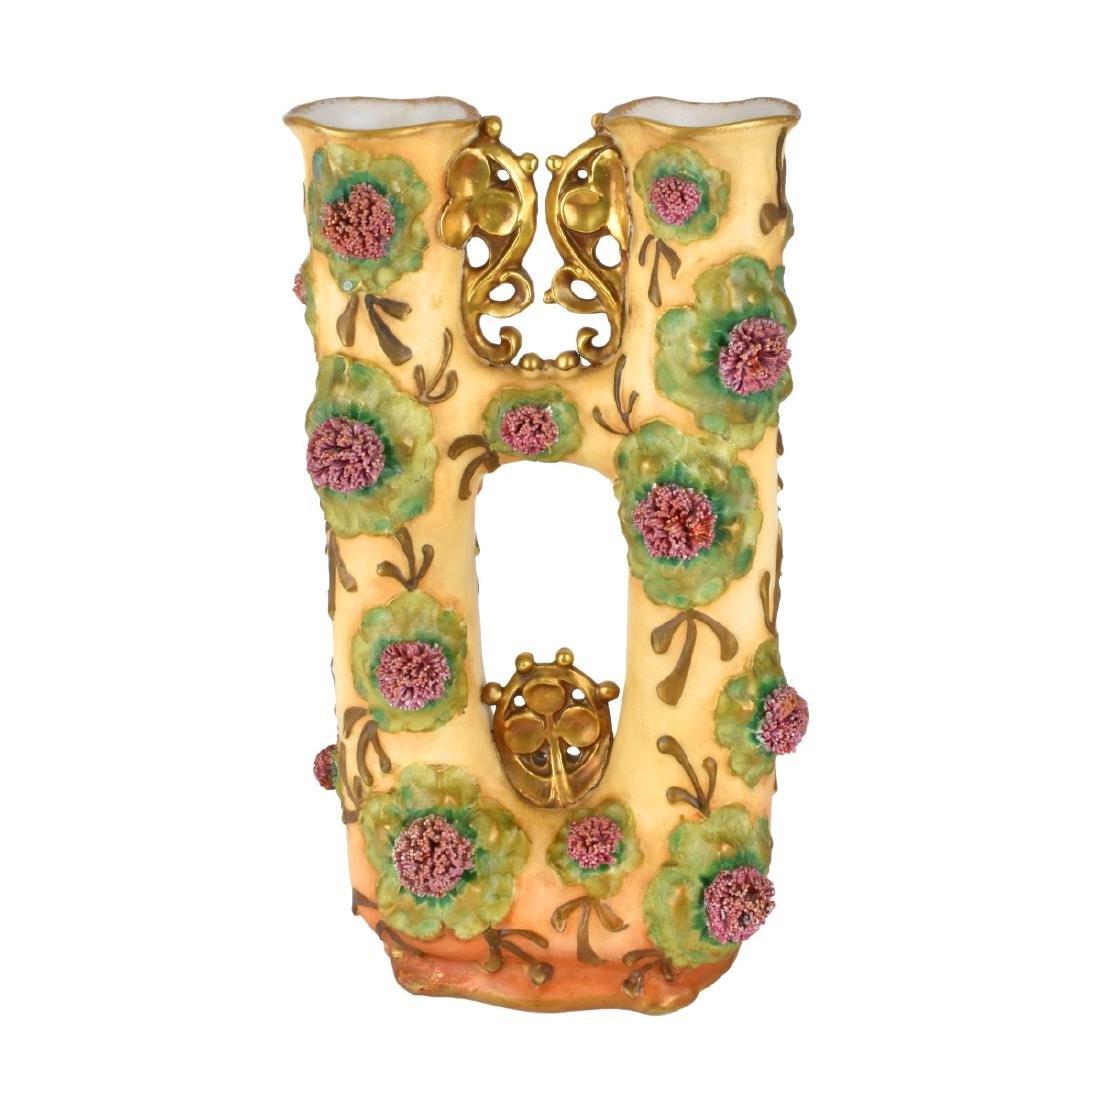 Amphora Art Nouveau Enameled Double Vase